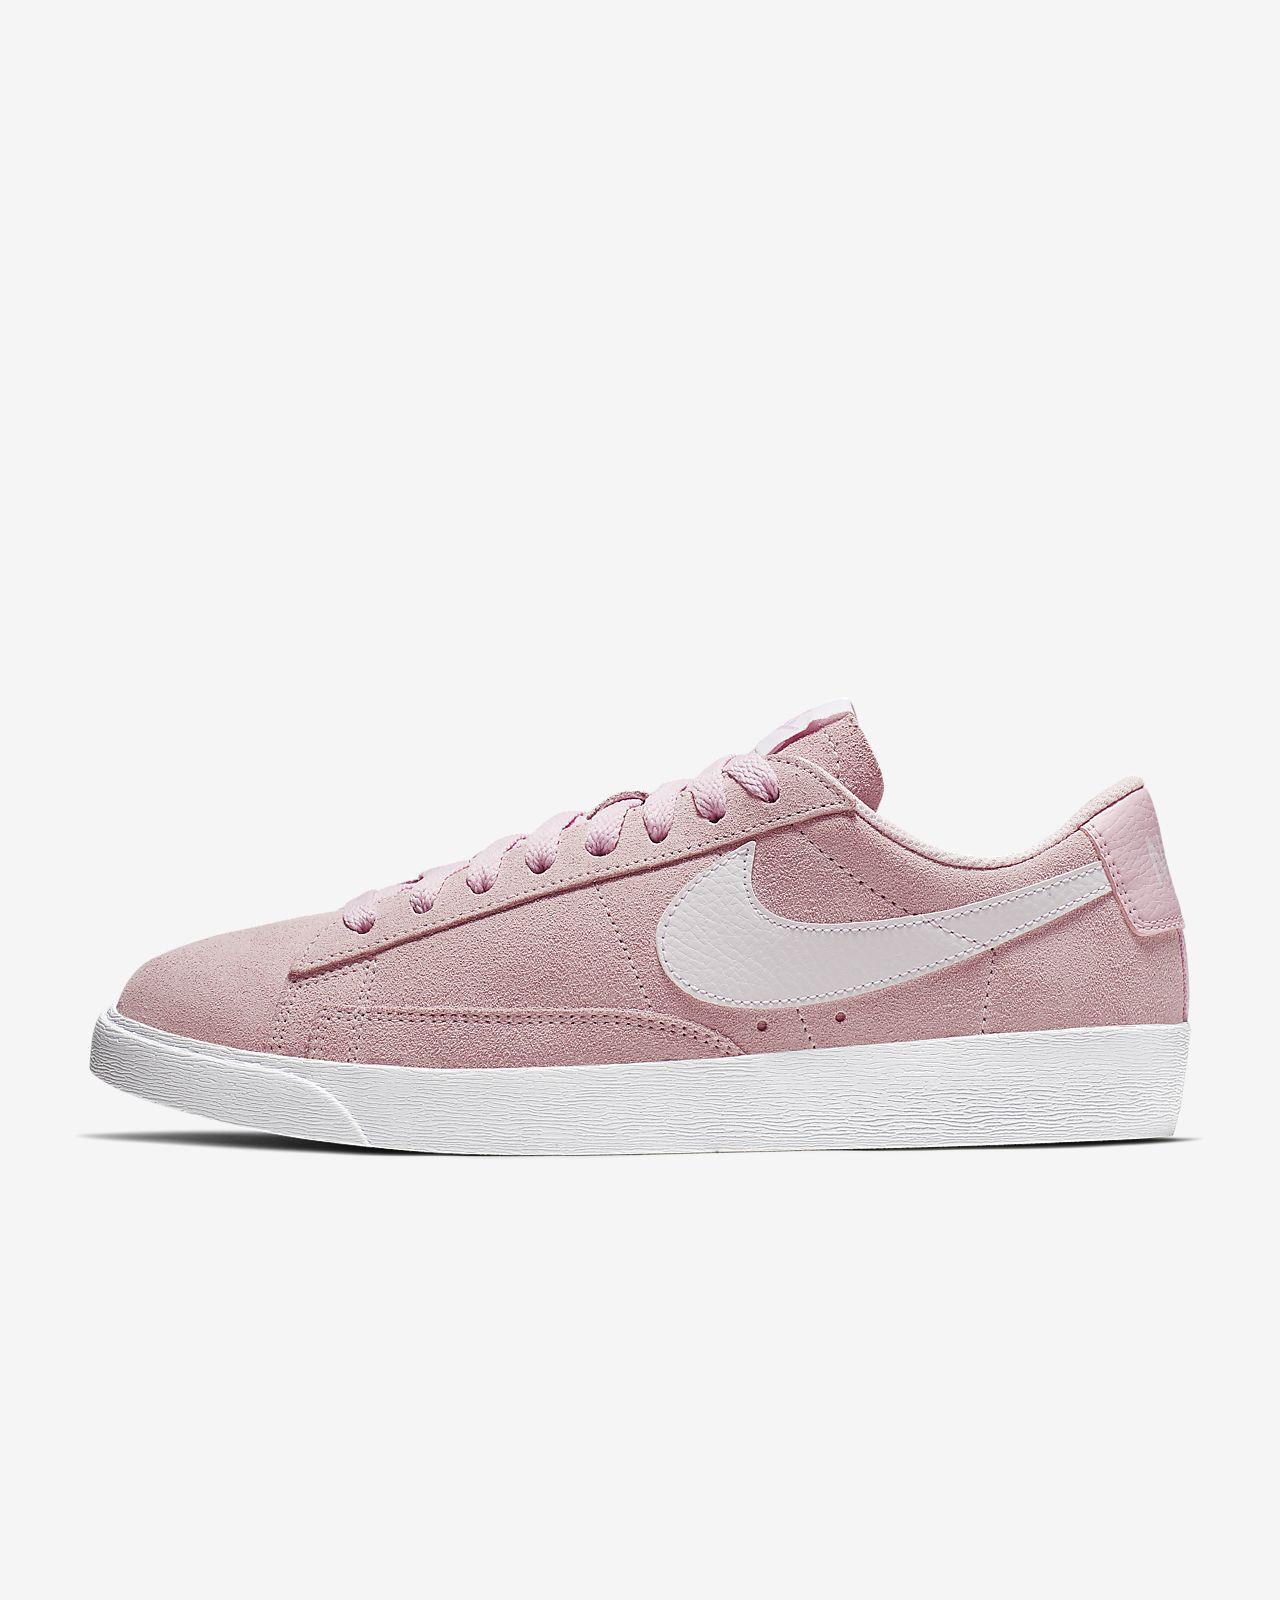 quality design 55493 d9e75 Nike Blazer Low Suede